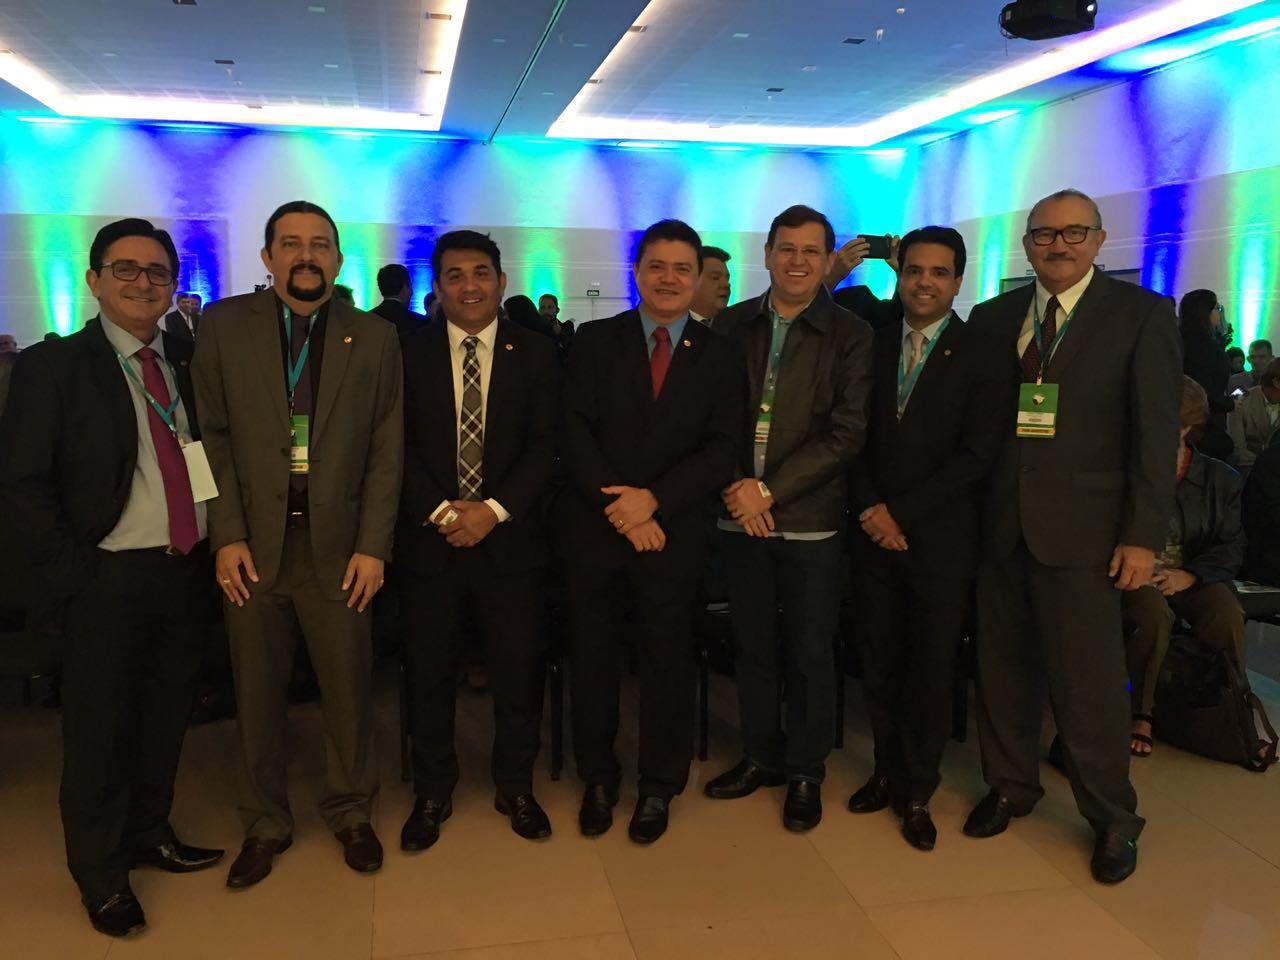 Deputados do Maranhão são eleitos para a diretoria da Unale e do Parlamento Amazônico